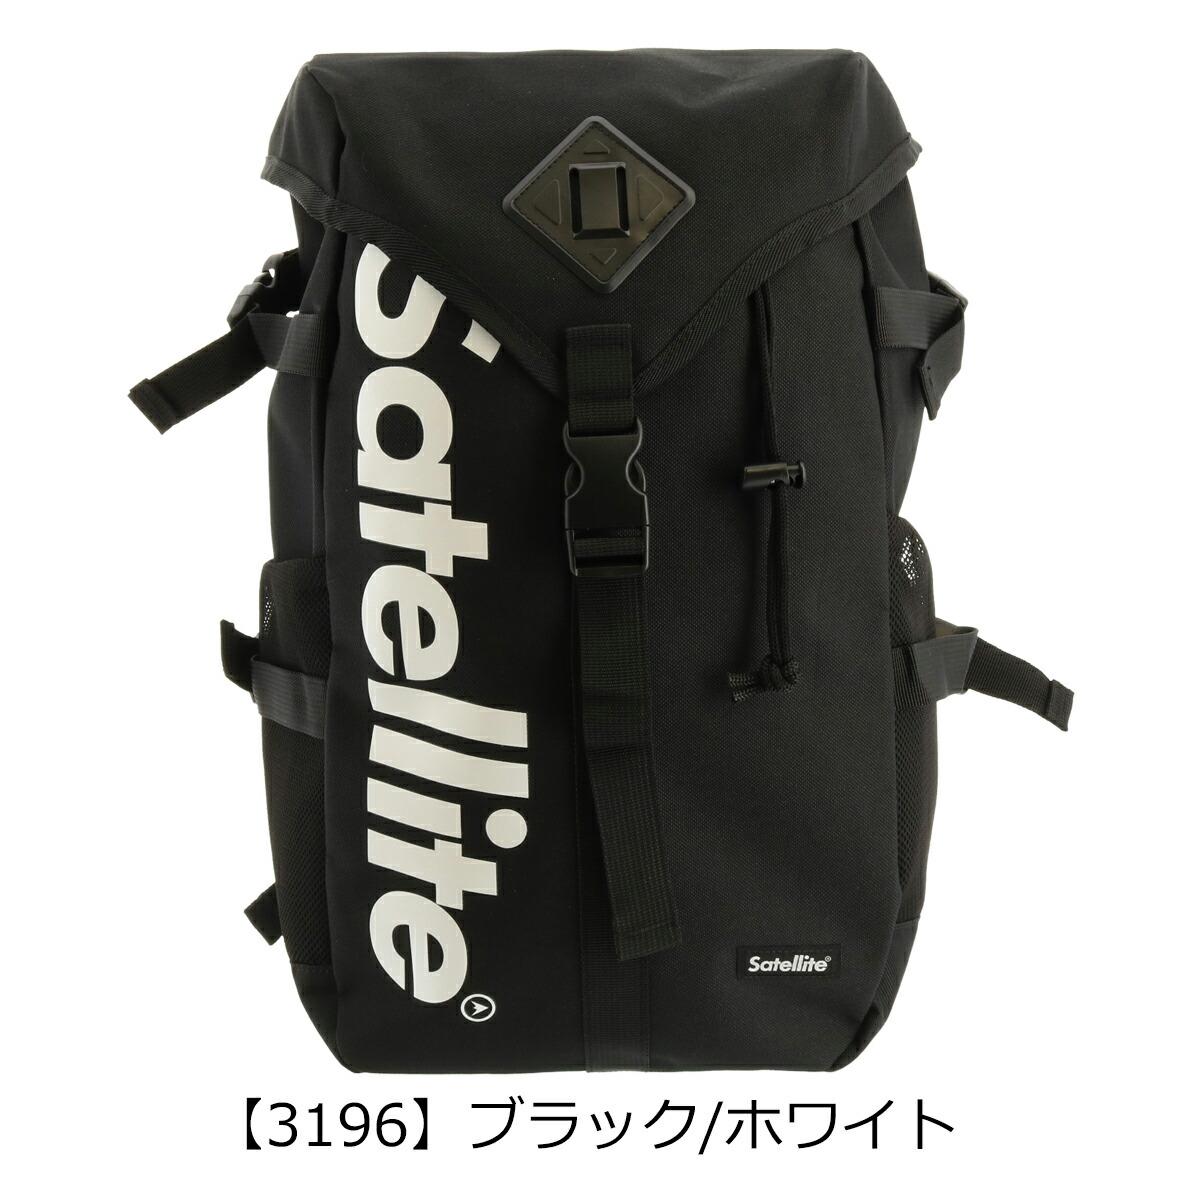 【3196】ブラック/ホワイト